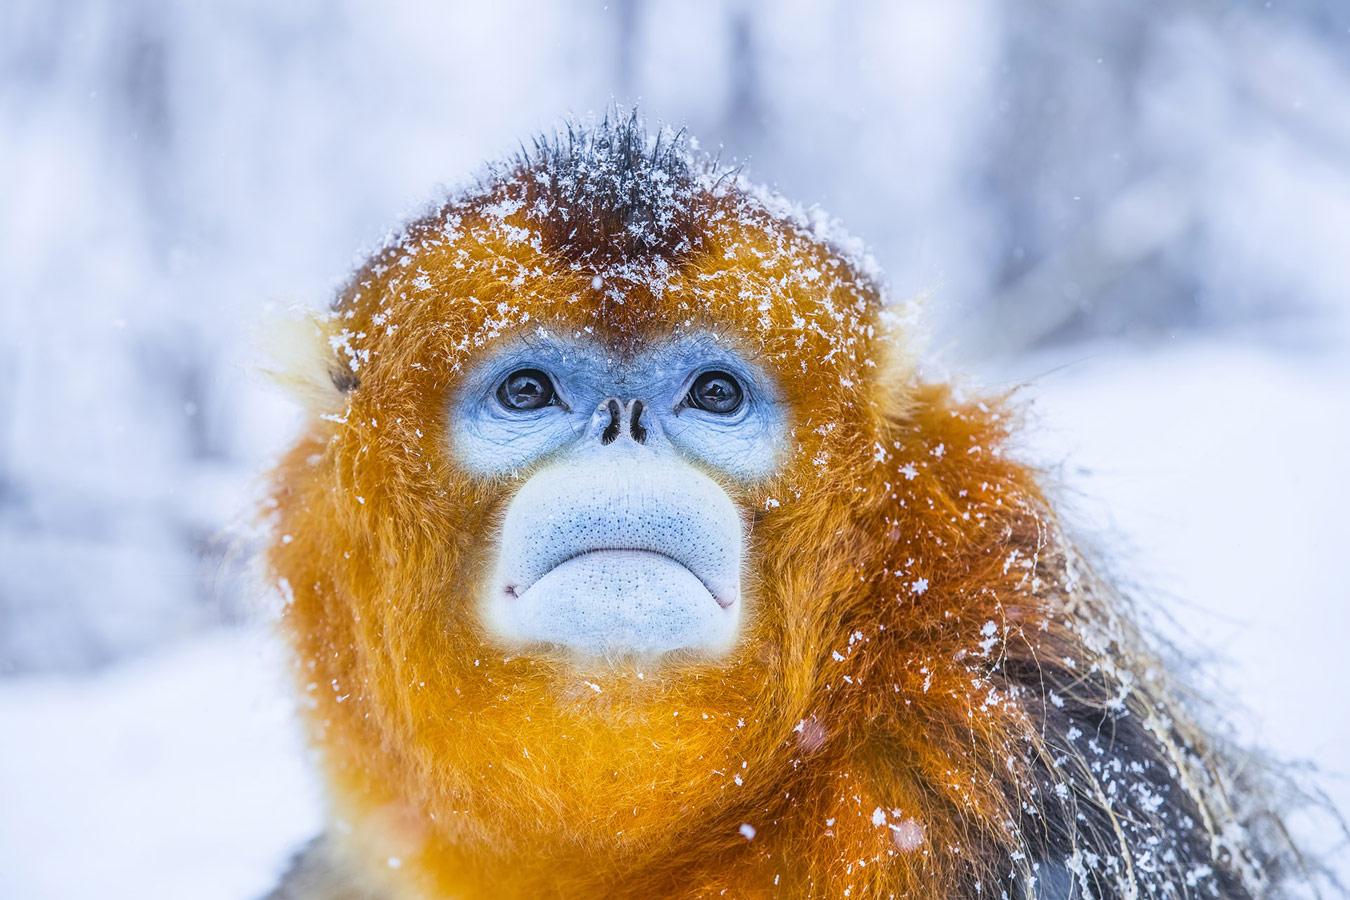 Мингжан Ю / Mingjian Yu, Ухань, Китай, Почётная оценка в категории «Дикая природа», Фотоконкурс «Лучшая природная фотография Азии» — Nature's Best Photography Asia